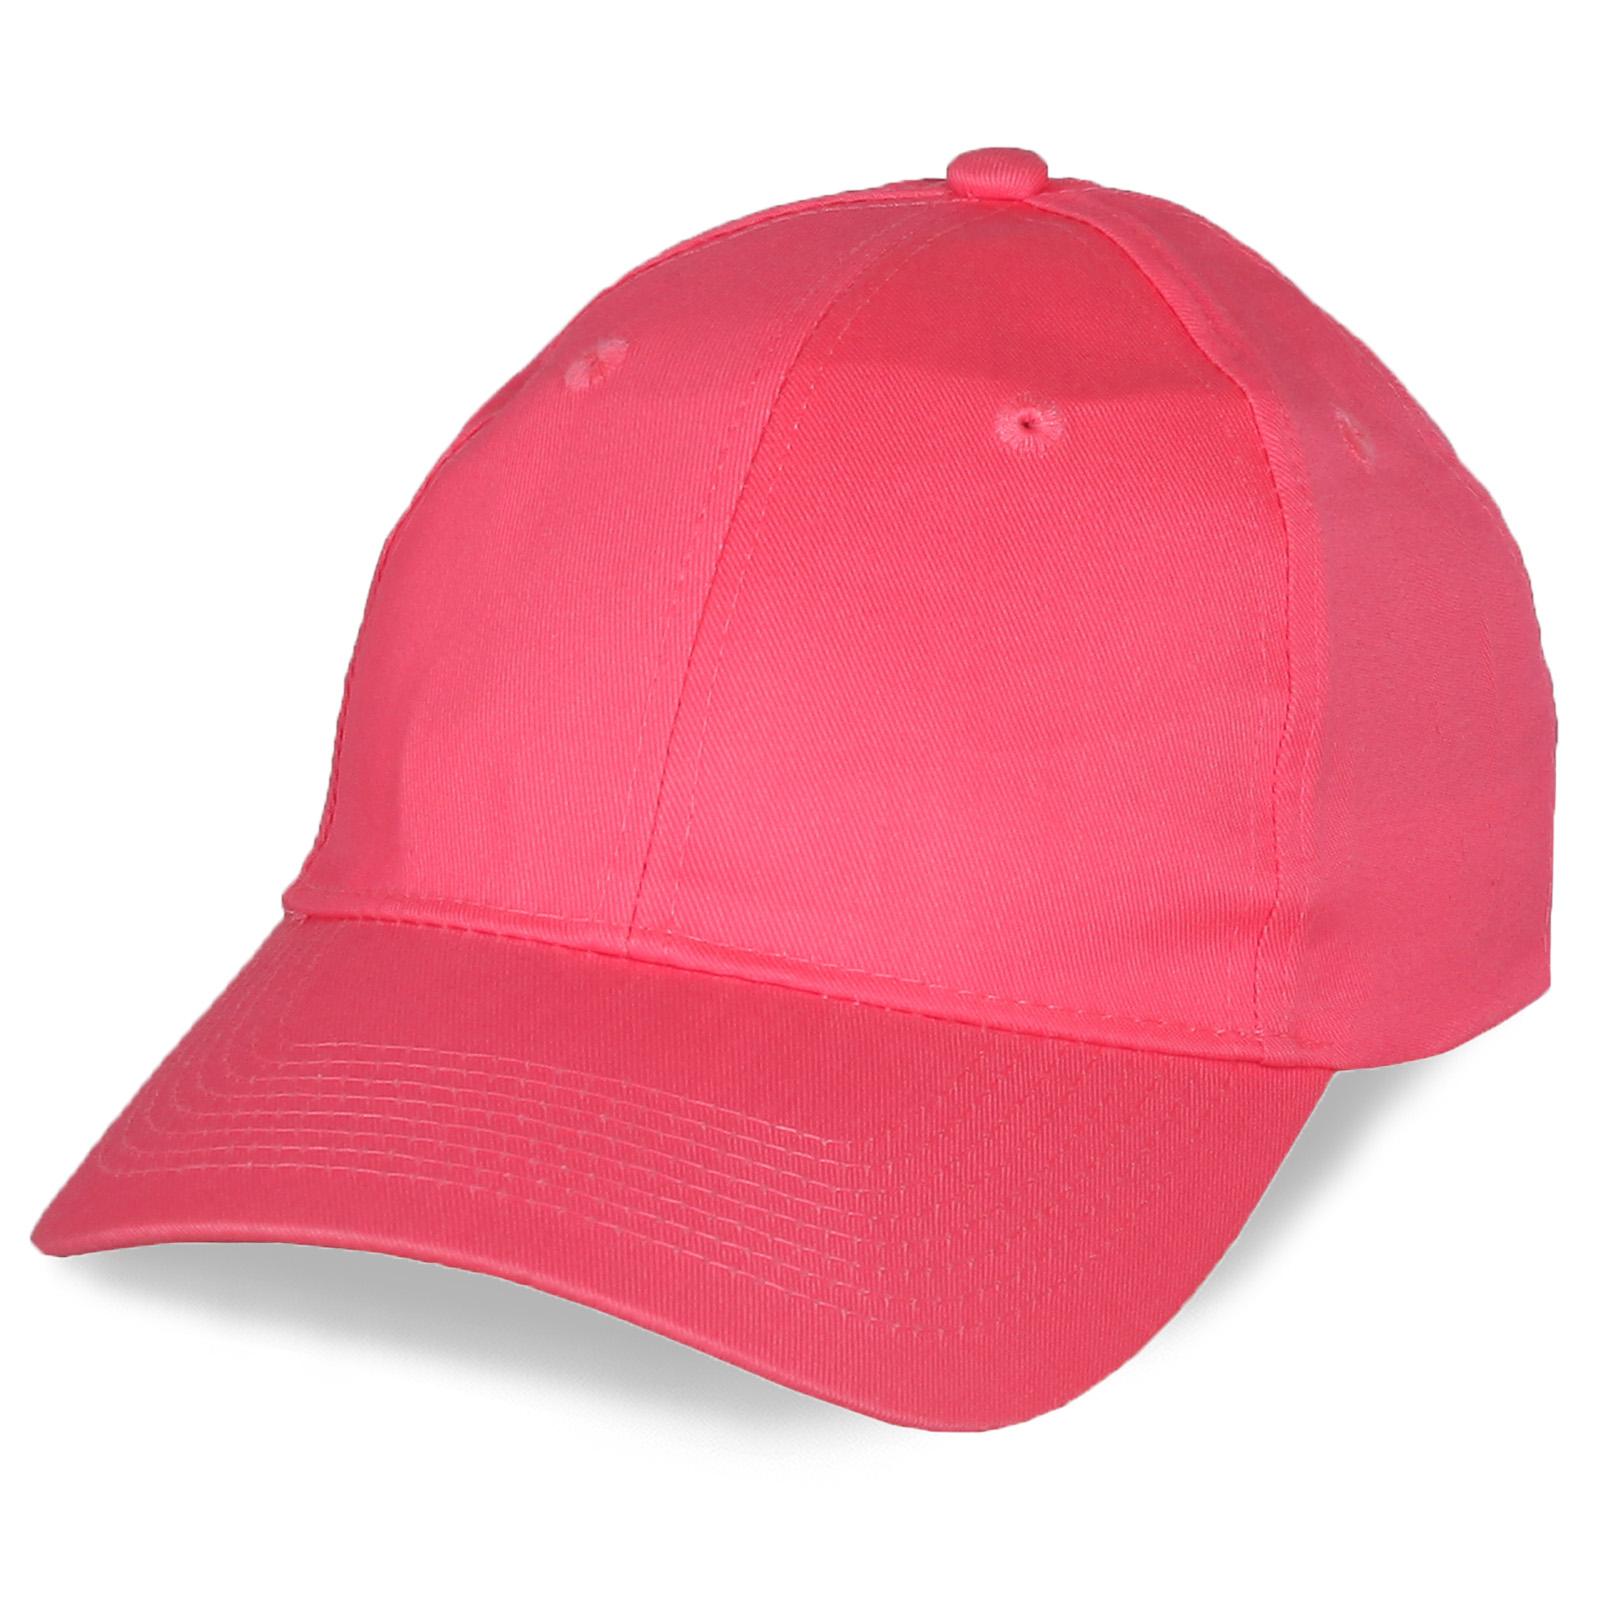 Промо-бейсболка розового цвета